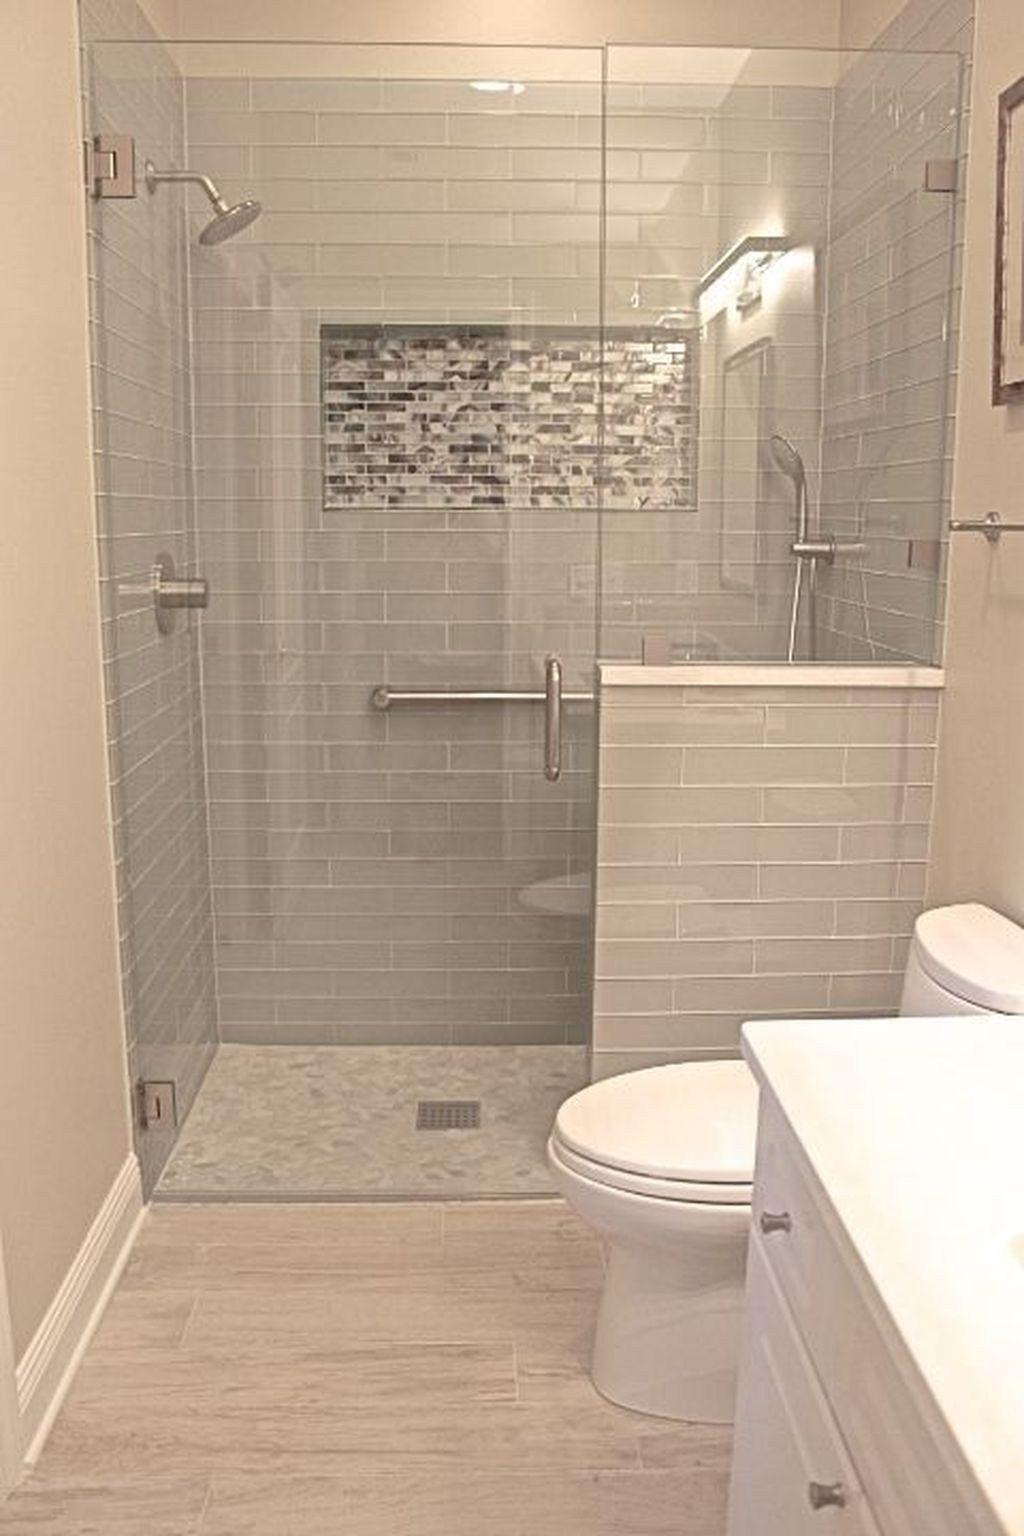 Unimaginable Diy Ideas For Bathroom Makeover 05 Small Bathroom Master Bathroom Renovation Bathrooms Remodel